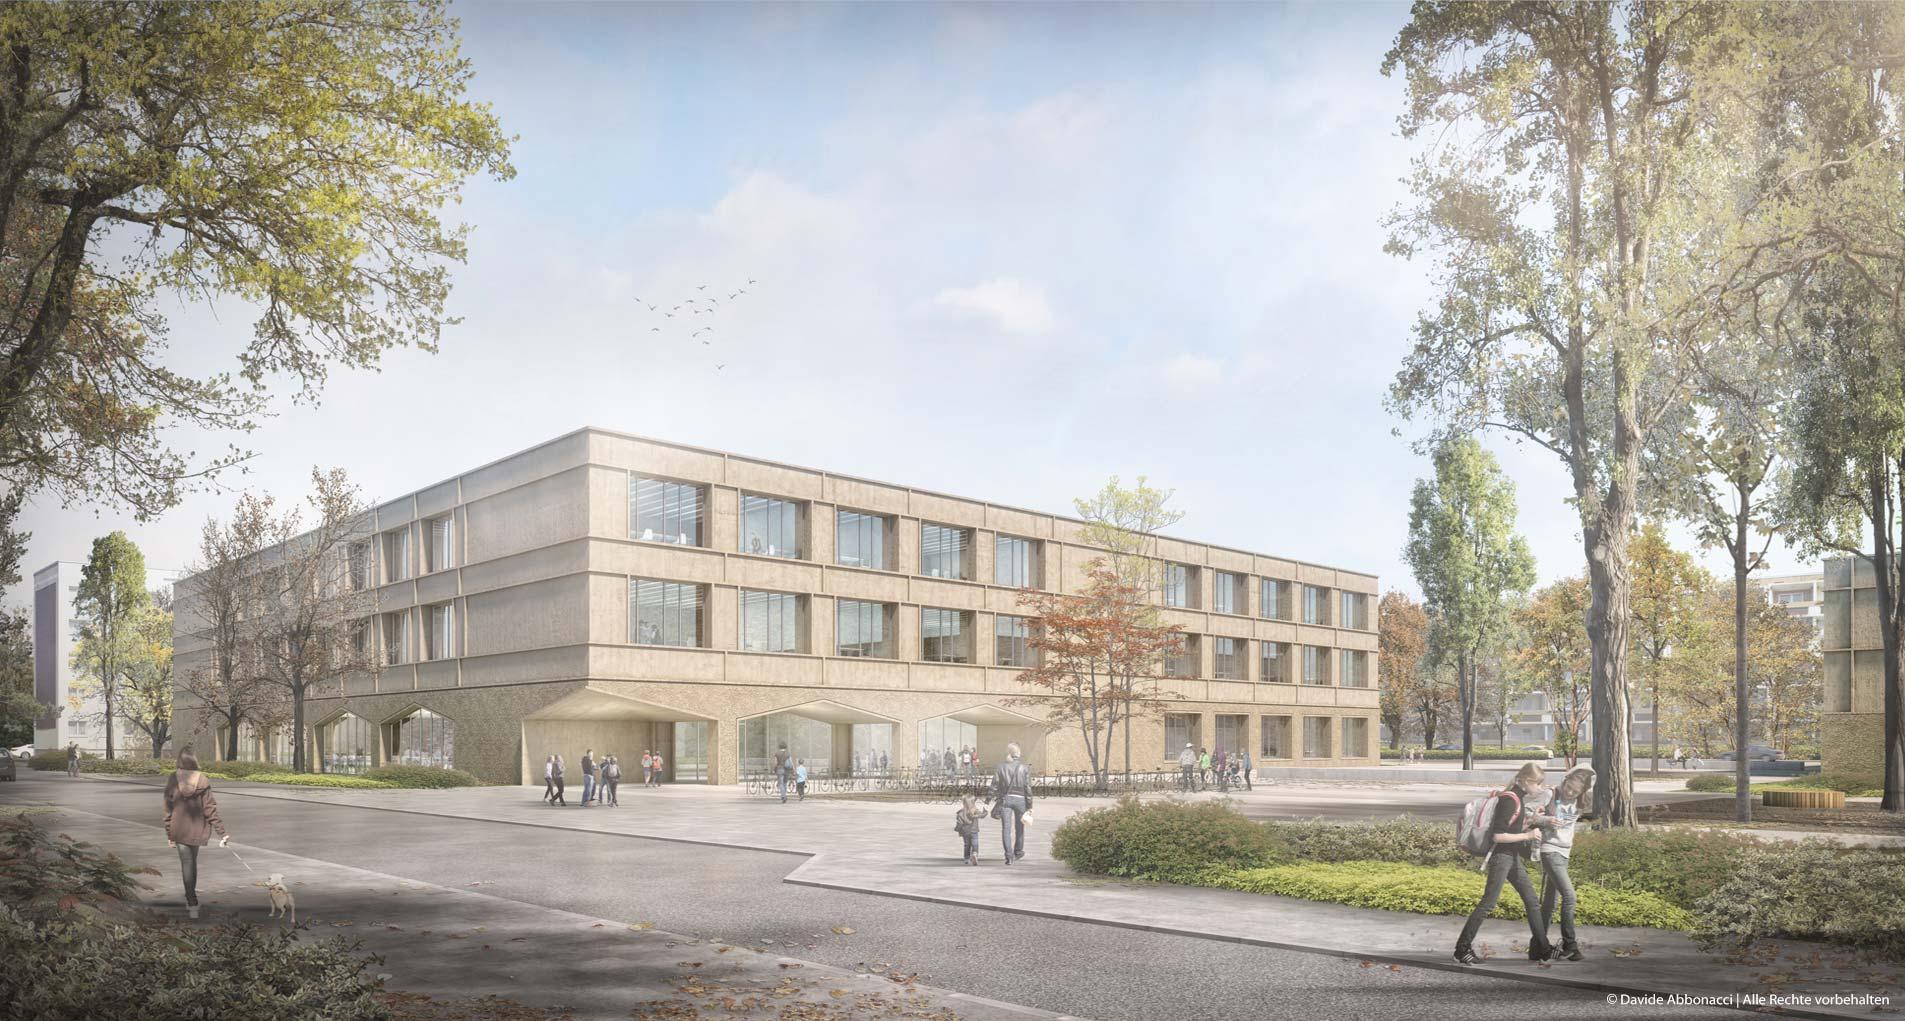 Modulare Grundschulen, Karower Chaussee, Berlin | Numrich Albrecht Klumpp Architekten | 2018 Wettbewerbsvisualisierung